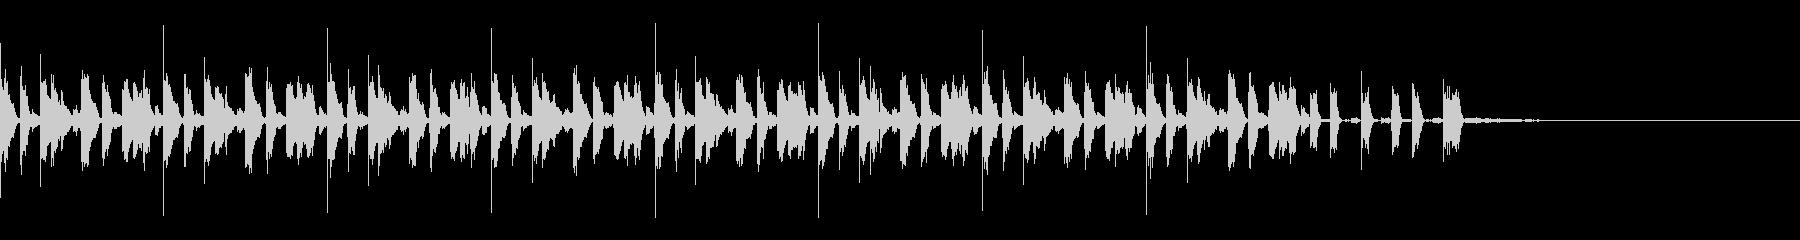 ニュース4(約30秒 ループ可)の未再生の波形